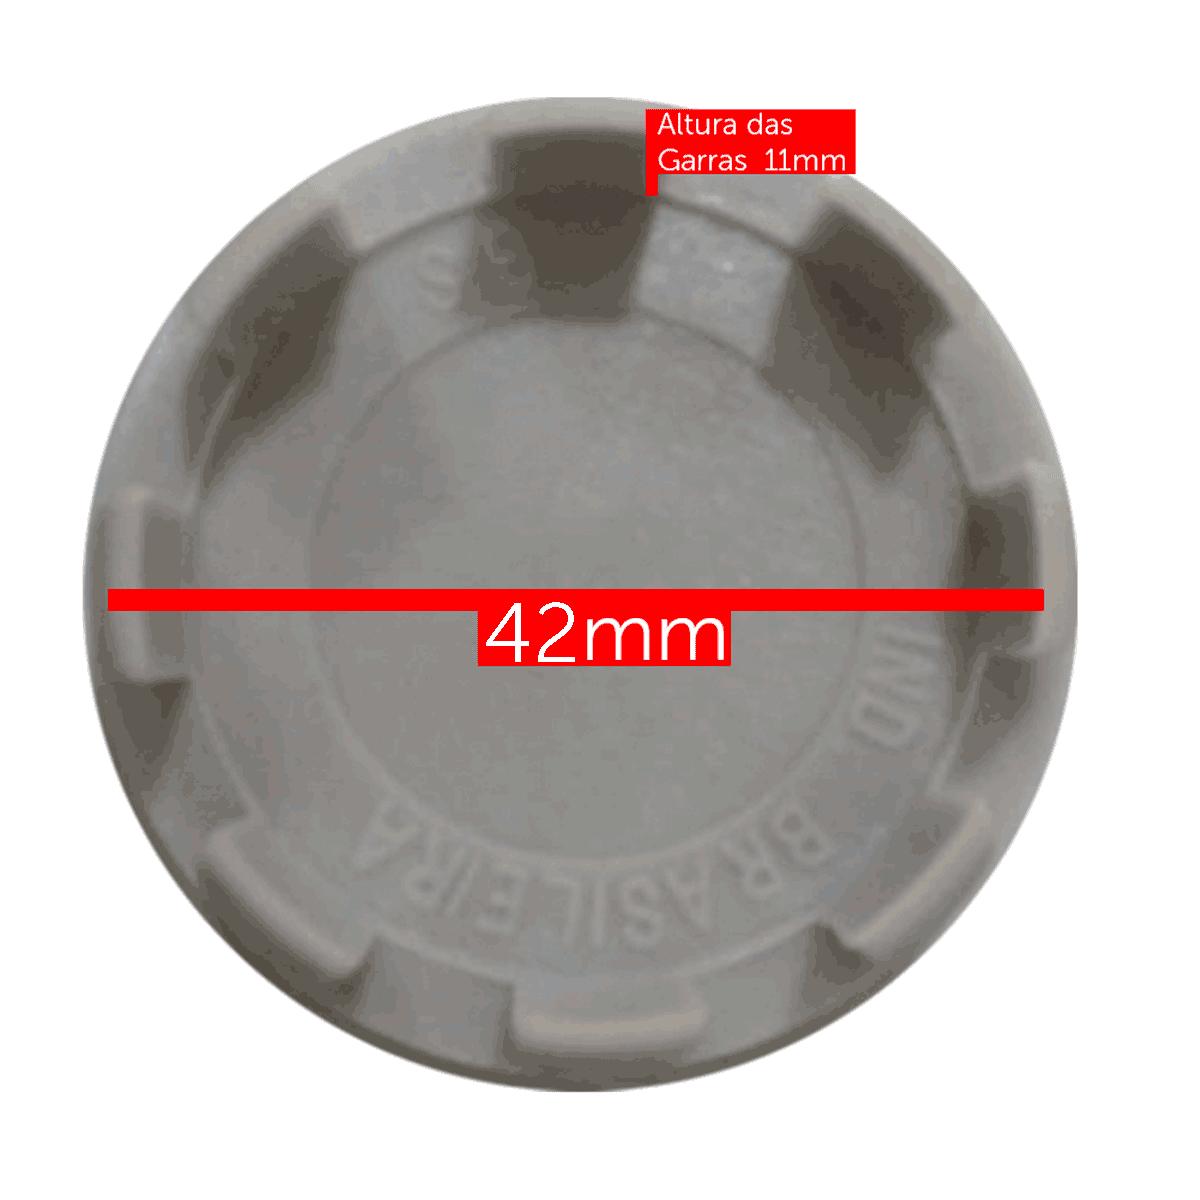 Calotinha centro de Roda volkswagen Gol 51mm